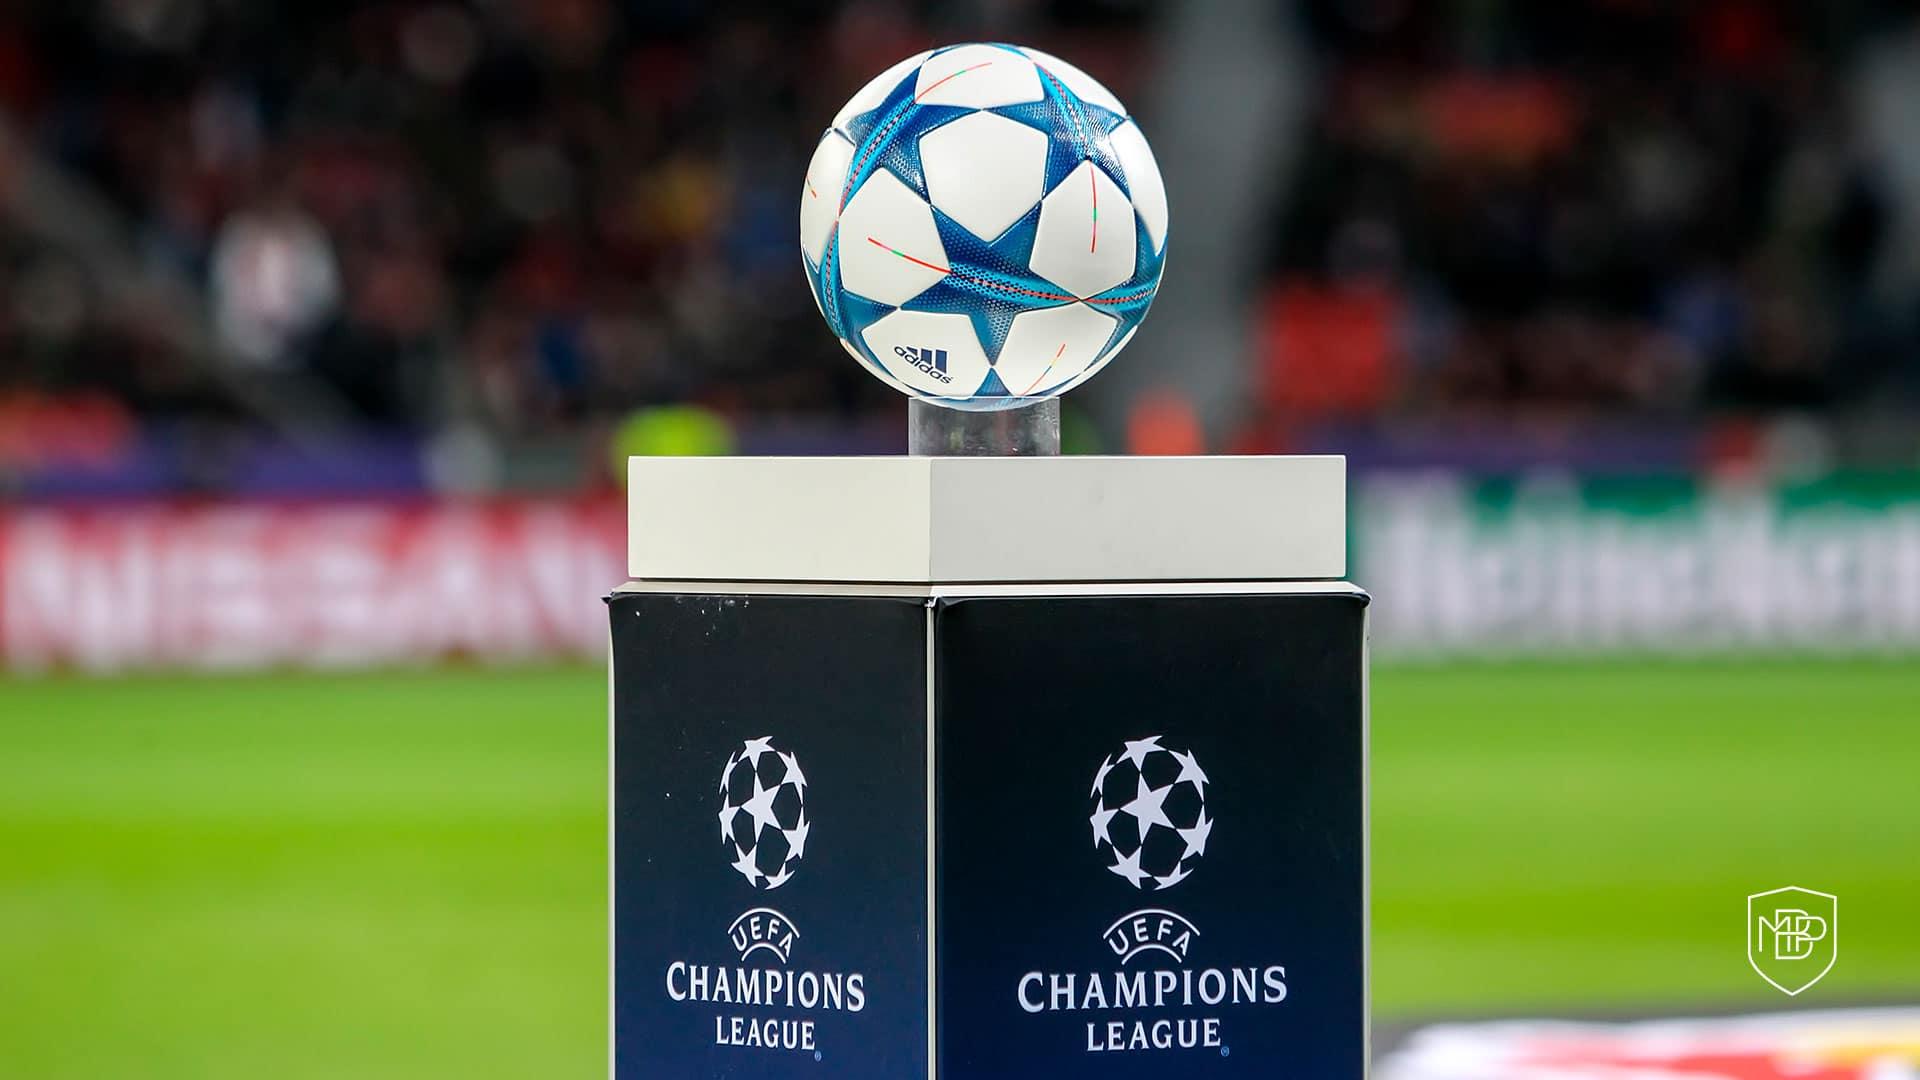 En este momento estás viendo Los favoritos para ganar la Champions League